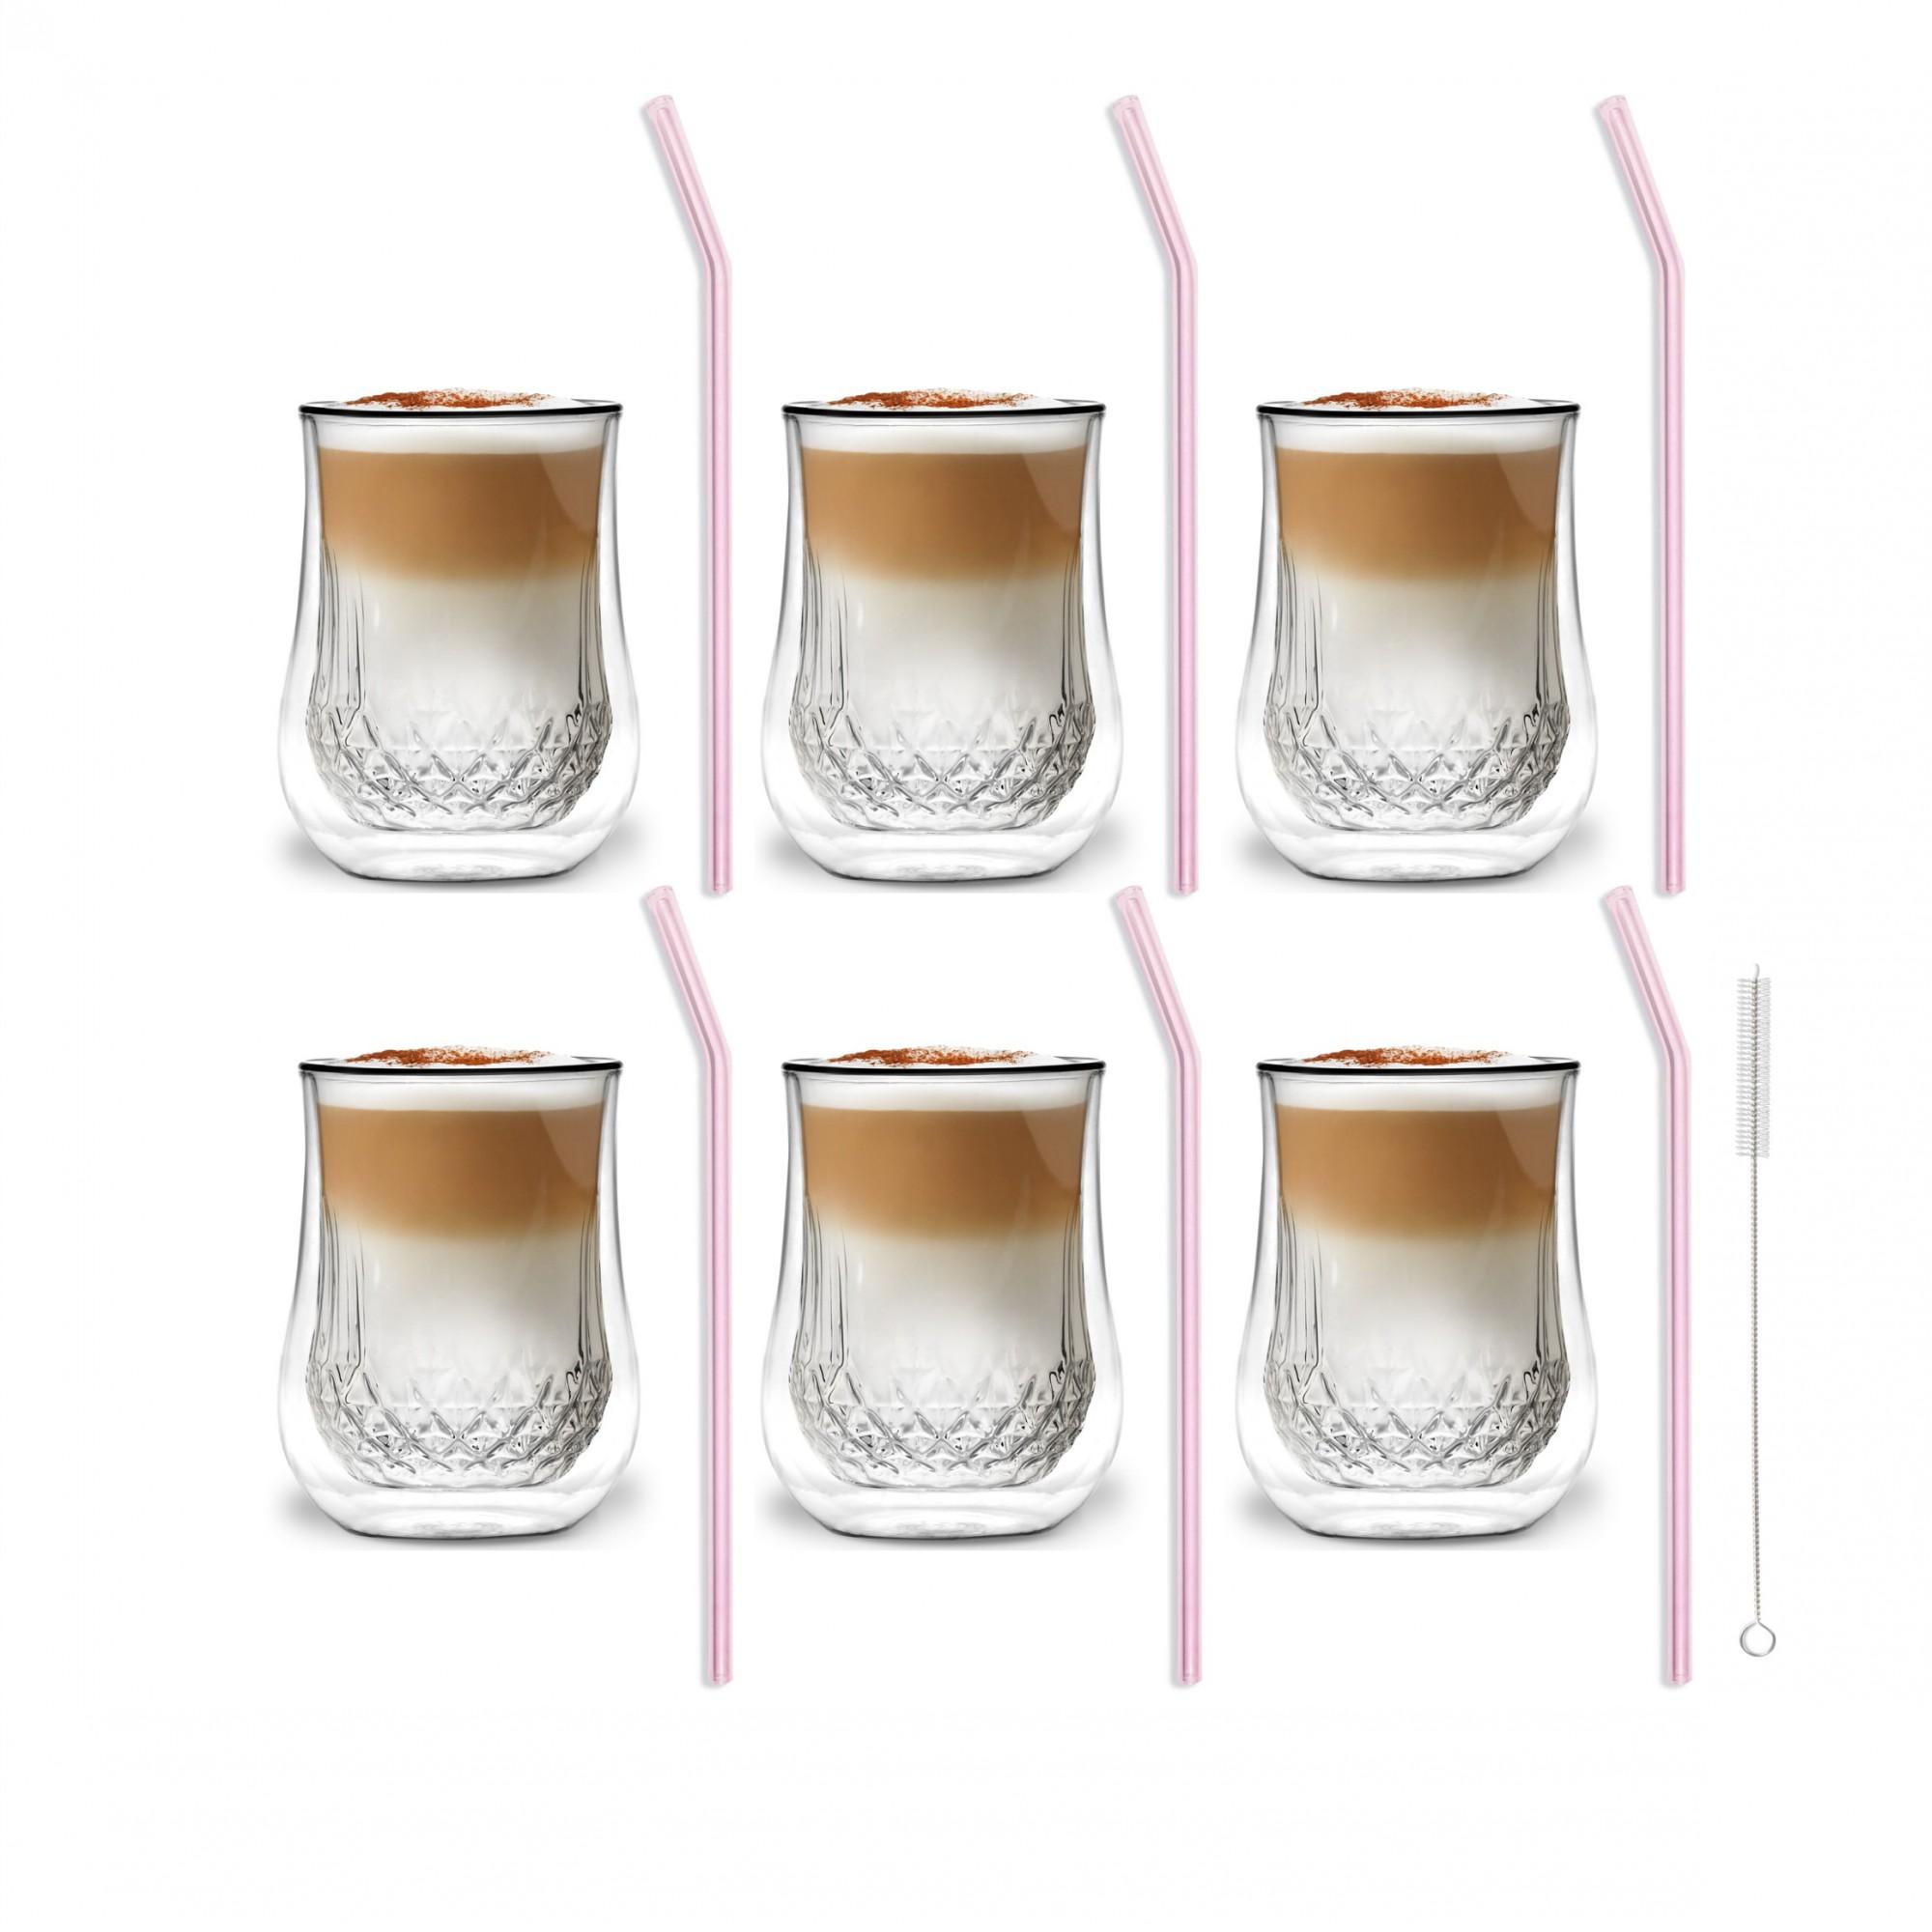 Zestaw 6 szklanek Diamante 300ml i 6 słomek szklanych 23cm różowych 7053